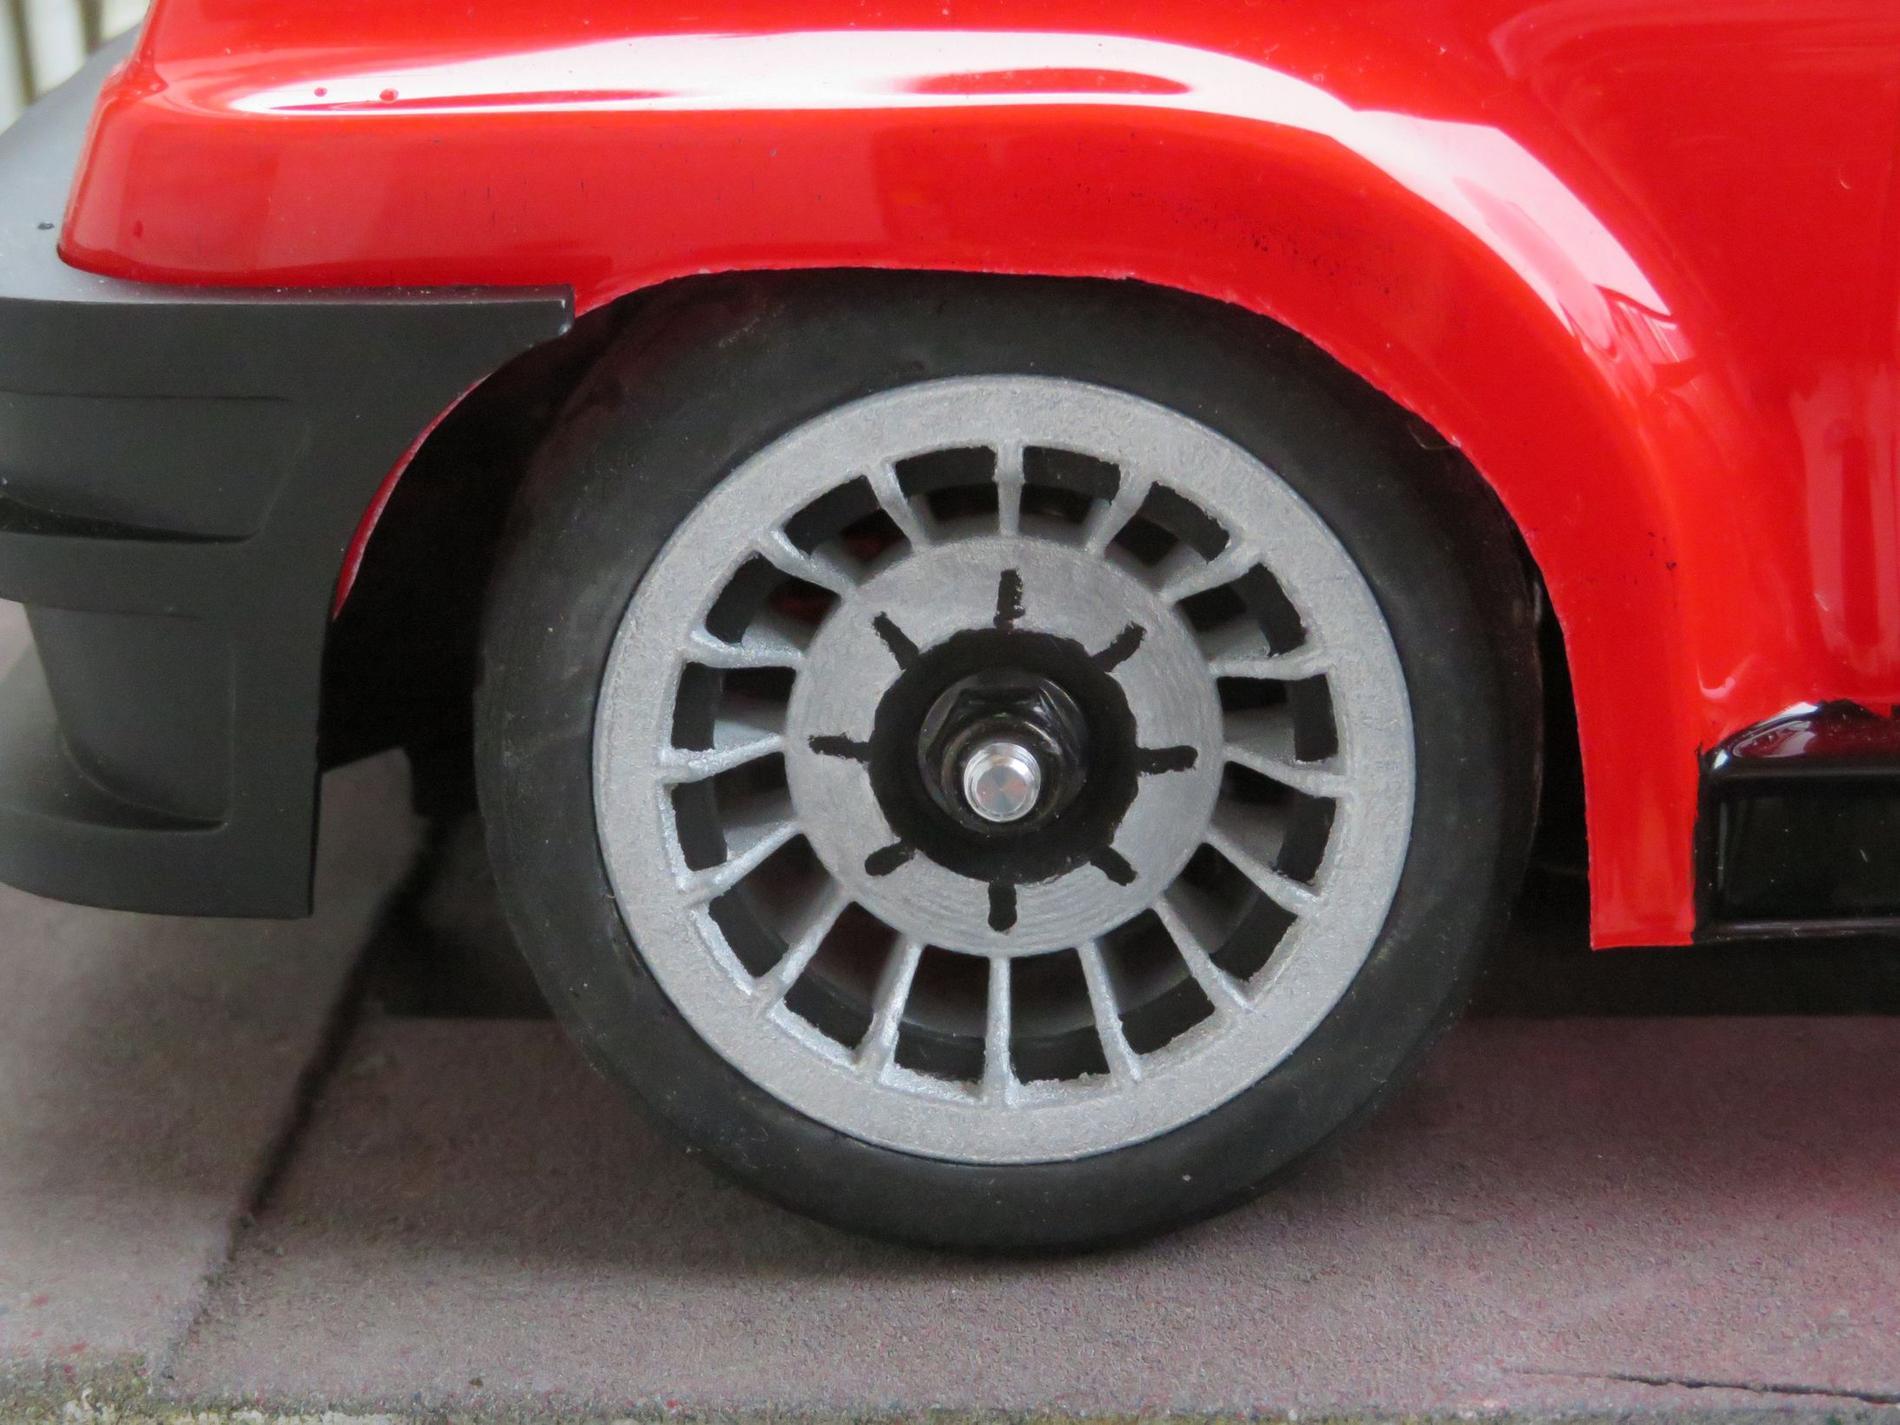 Tamiya Renault 5 Turbo - M08 Concept Ab5d1b7b2884ff8f125949e2fcb3563a